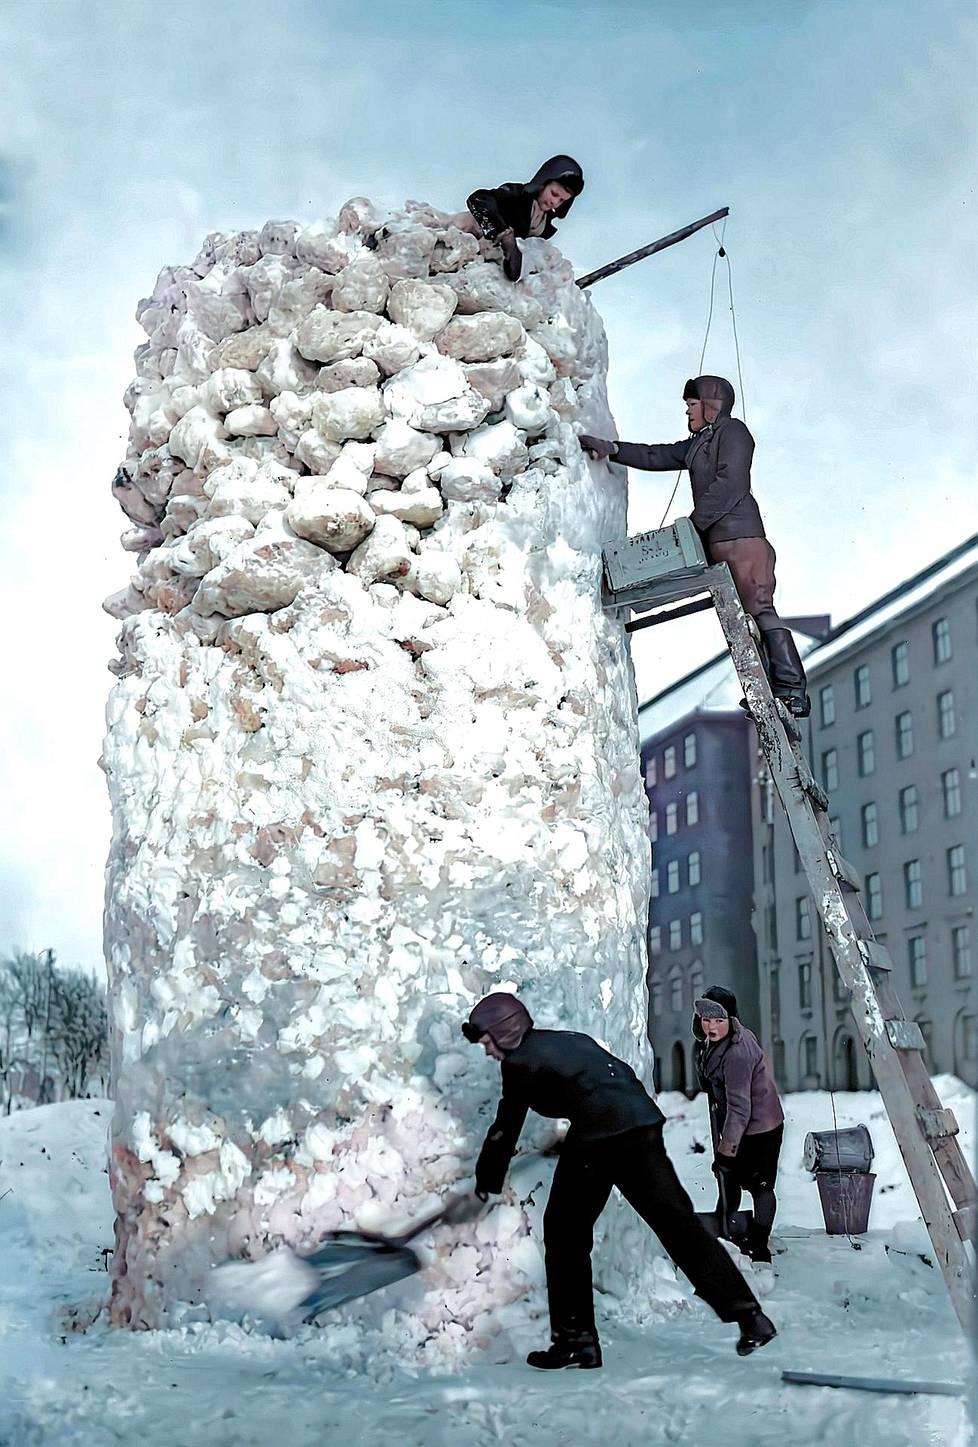 Uskomaton lumilinna on loppusilausta vaille valmis. Kuva ajoittuu 1920- tai 30-luvulle. On todennäköistä, että huolettomat rakennusmiehet joutuivat sotarintamalle aikuisiksi vartuttuaan.